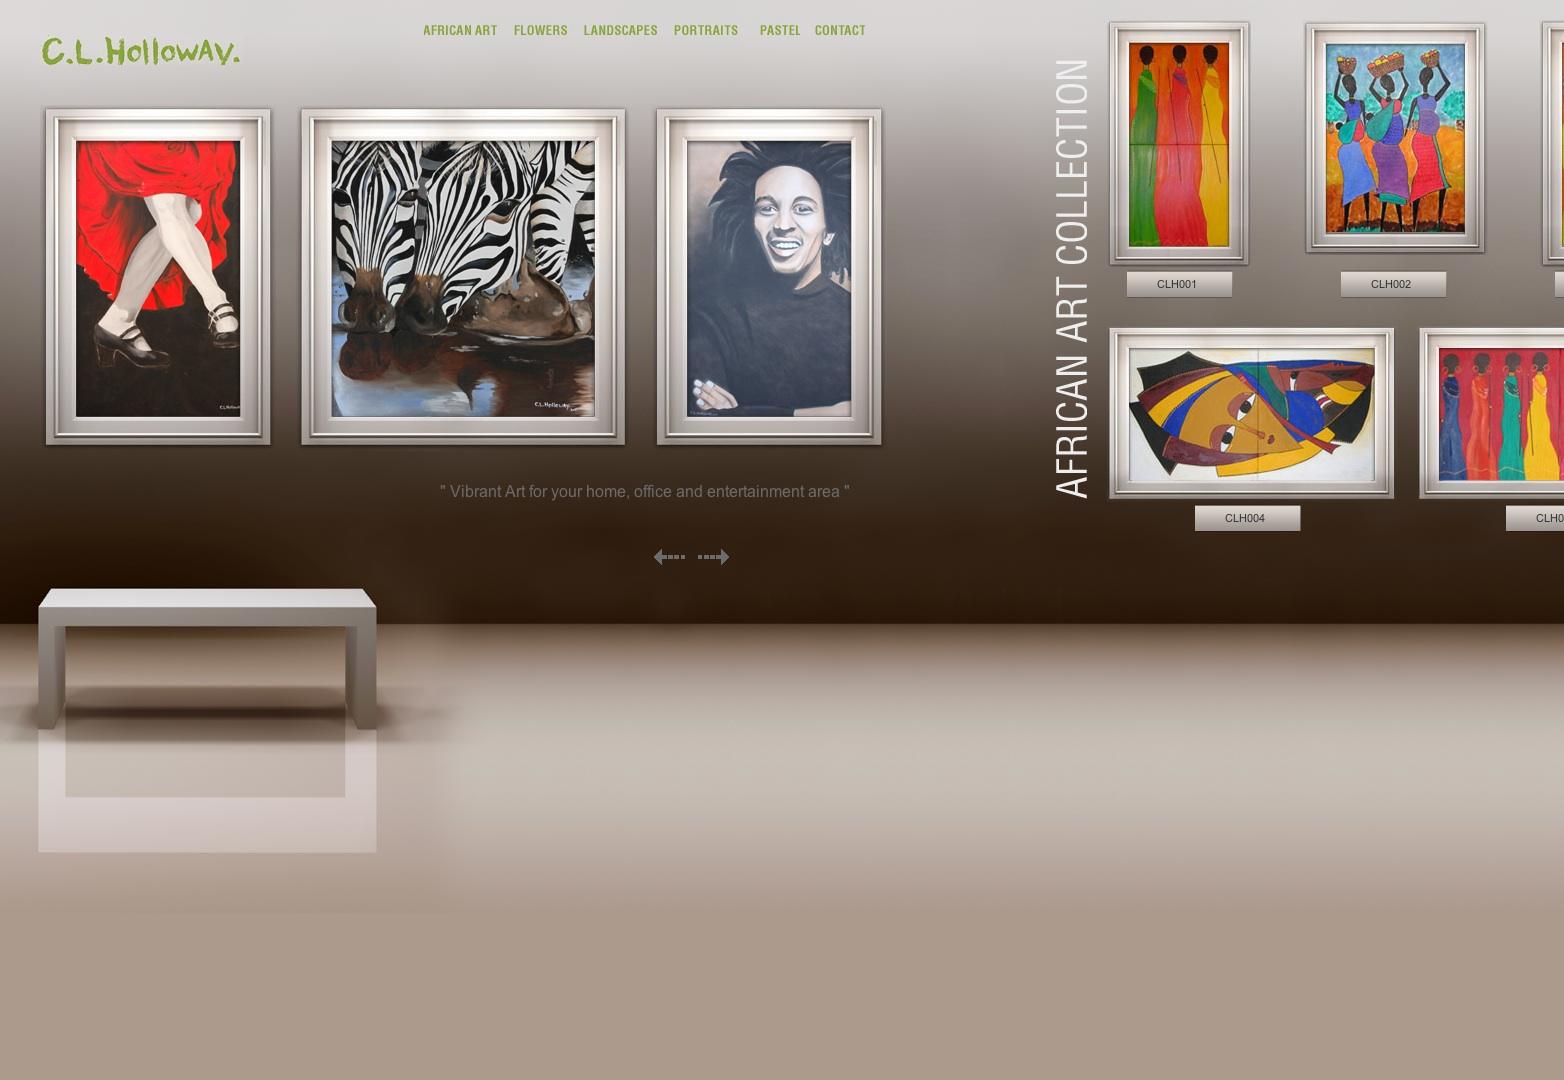 Umělec, malíř, firemní umění, africké, portréty: CL Holloway